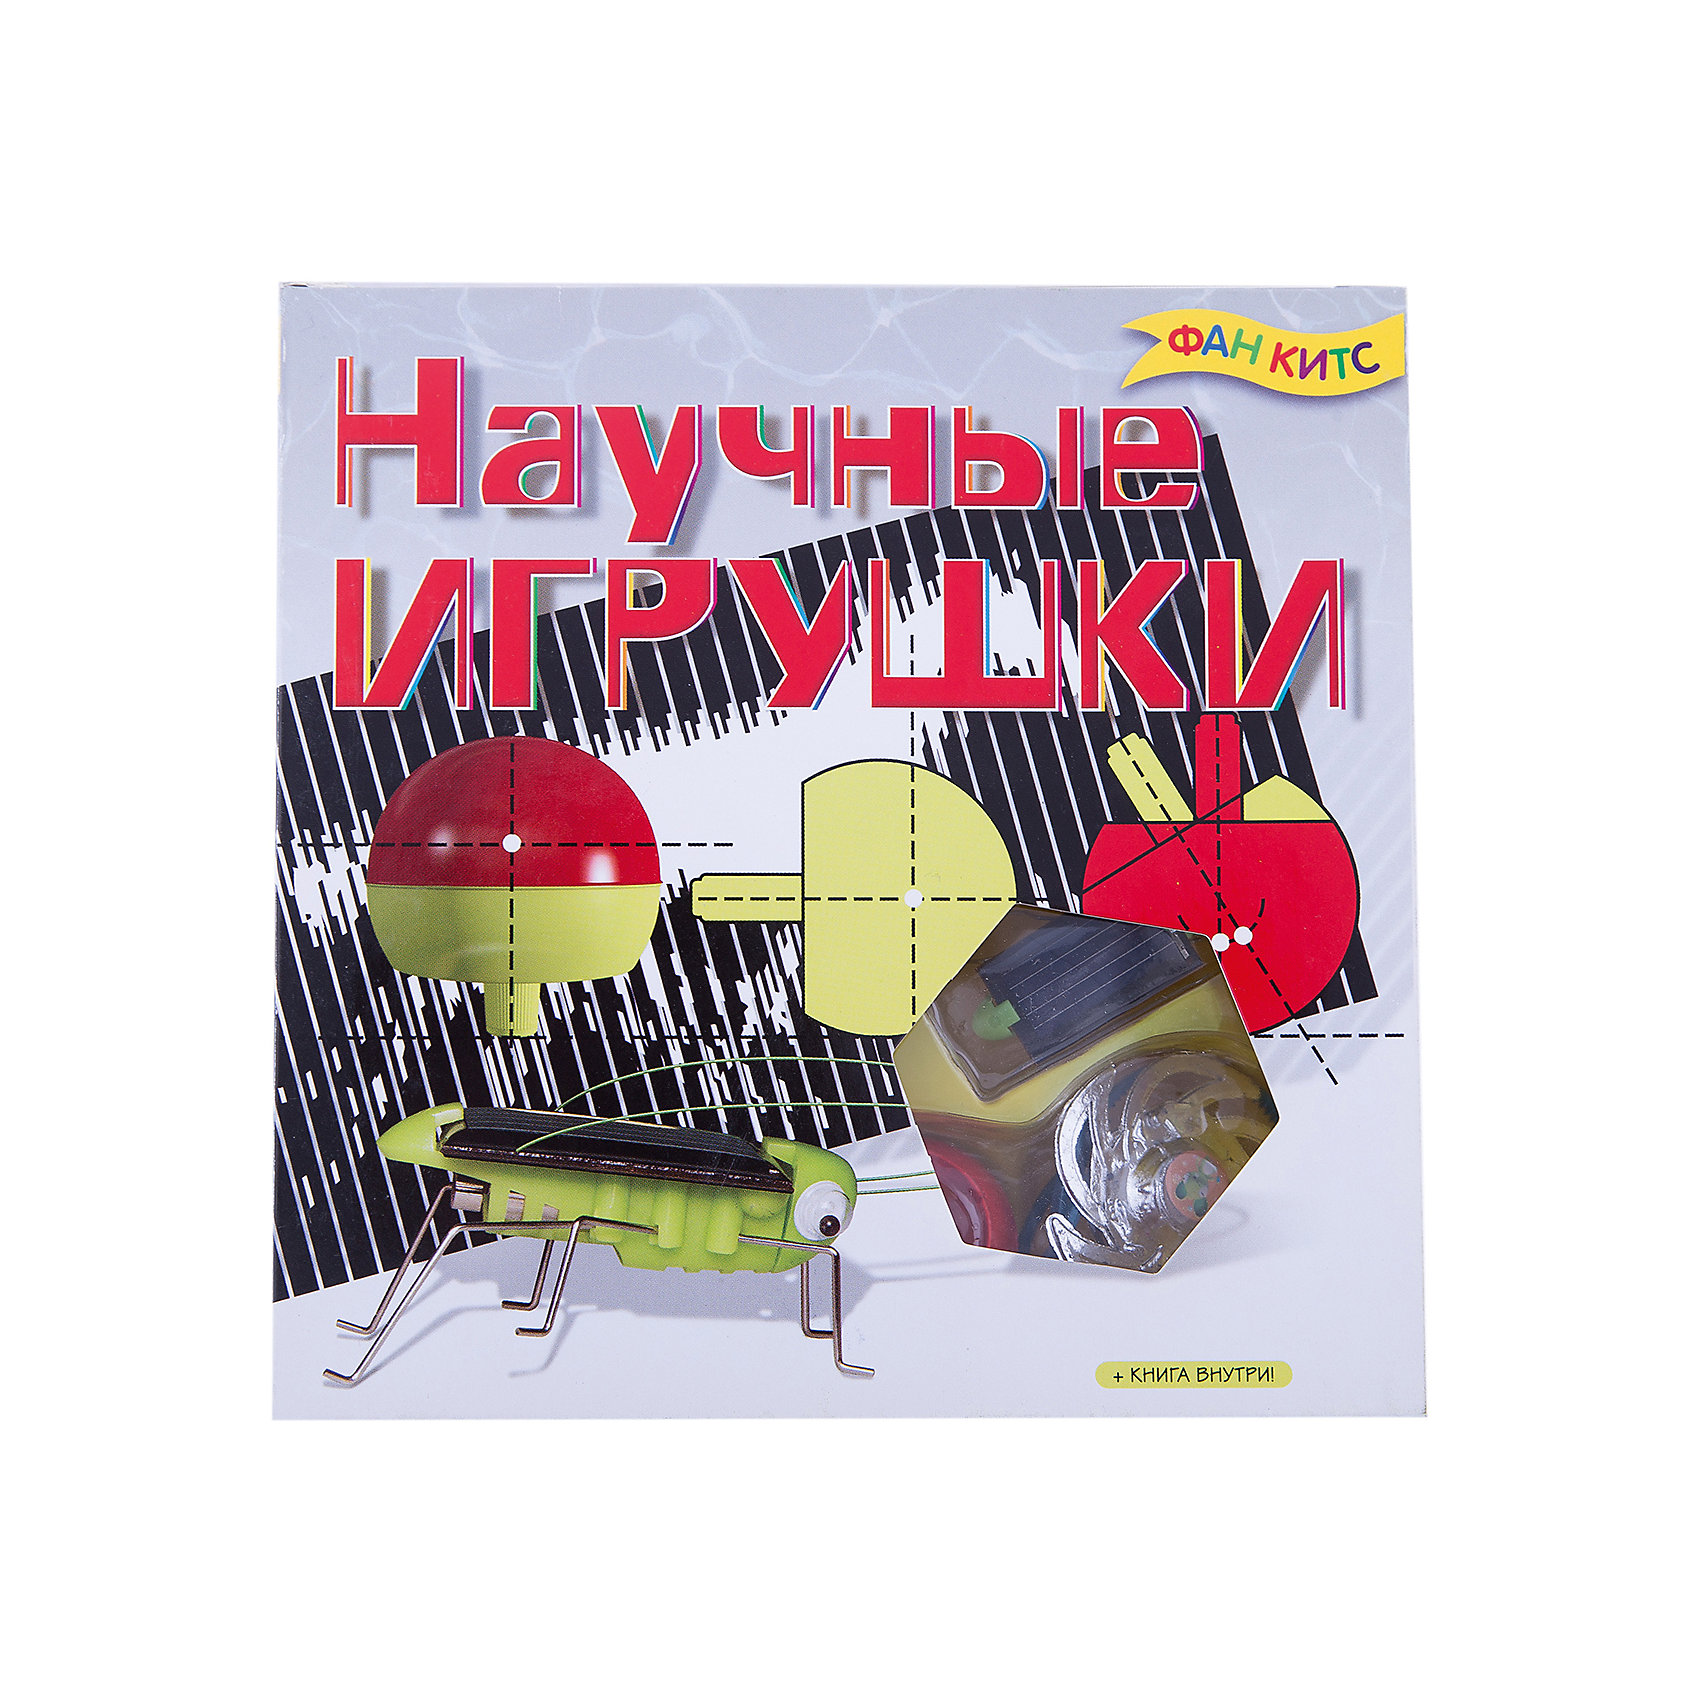 Научные игрушки, Fun KitsФизика<br>Научные игрушки, Fun Kits (Фан Китс) - это приятный и полезный подарок для вашего юного ученого.<br>Каждая игрушка в этом наборе откроет для тебя основные законы физики, математики и других таких же интересных наук. Игрушечная физика ничем не отличается от настоящей, взрослой науки, которой занимаются ученые. Все что ты узнаешь и запомнишь, пригодится тебе в будущем.<br><br>Дополнительная информация:<br><br>- В набор входит: 6 научных игрушек -  Кузнечик-микроробот, работающий на солнечном элементе, шагающий боб, 2 разных волчка, устройство для пускания мыльных пузырей различной формы, специальная сетка на прозрачной пленке для анимационных оптических иллюзий; книга (48 стр.) с объяснениями, включает инструкции, как сделать самому еще 6 научных игрушек<br>- Размер: 170 х 60 х 170 мм.<br>- Вес: 500 гр.<br><br>Научные игрушки, Fun Kits (Фан Китс) можно купить в нашем интернет-магазине.<br><br>Ширина мм: 170<br>Глубина мм: 60<br>Высота мм: 170<br>Вес г: 500<br>Возраст от месяцев: 72<br>Возраст до месяцев: 144<br>Пол: Унисекс<br>Возраст: Детский<br>SKU: 3717852